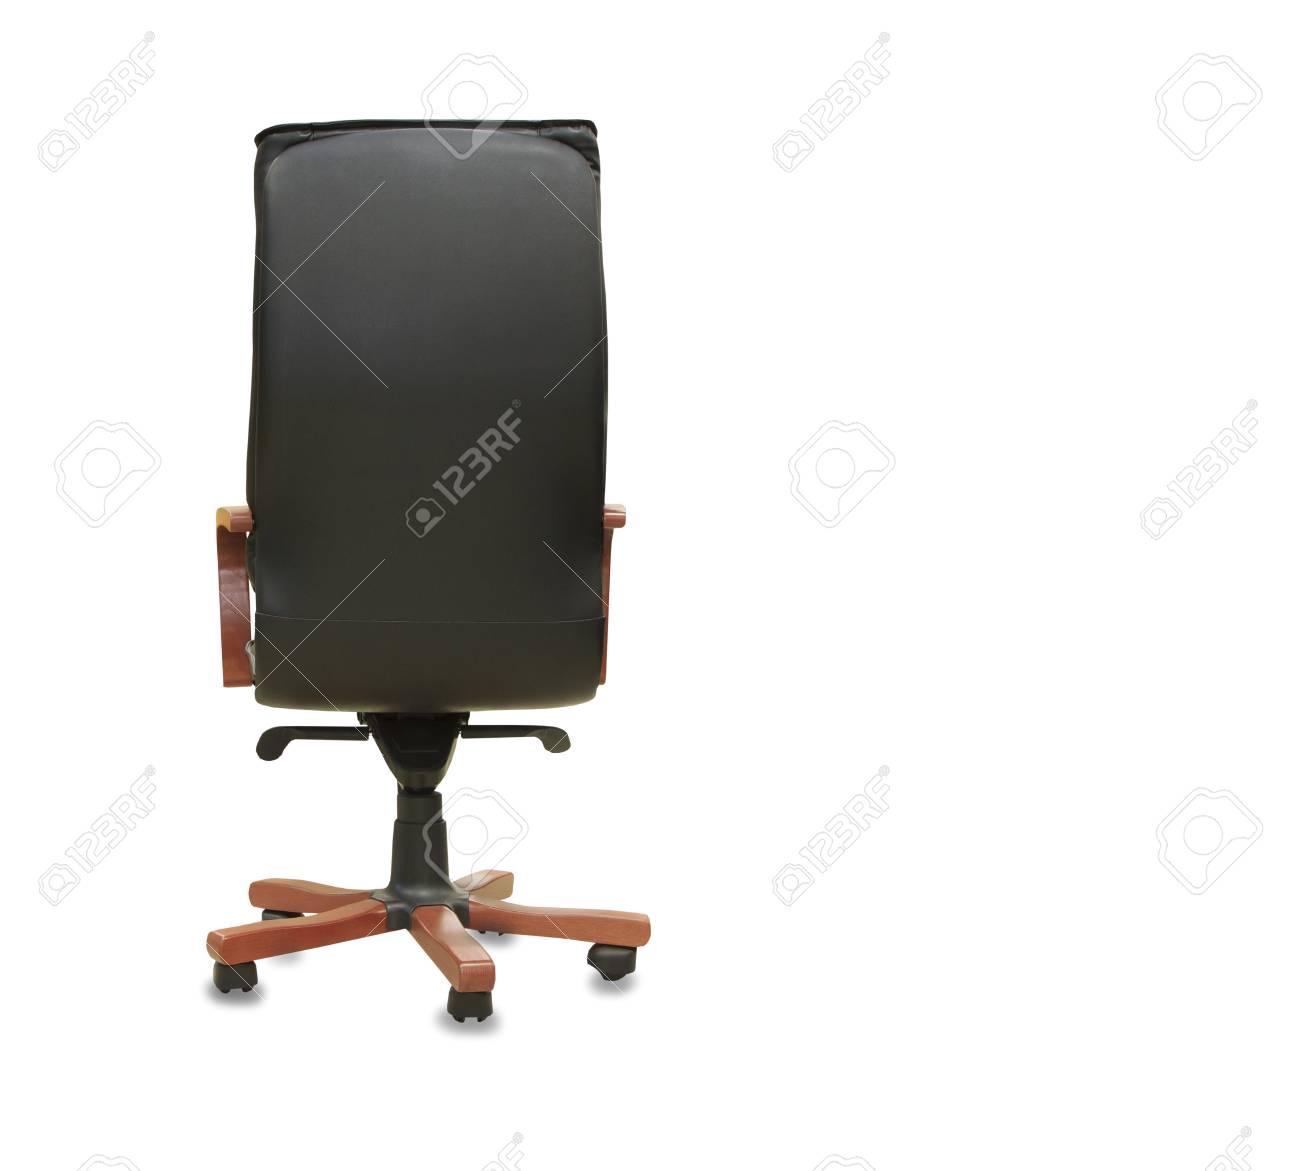 vue de dos de la chaise de bureau moderne de cuir noir isole banque d images et photos libres de droits image 80419838